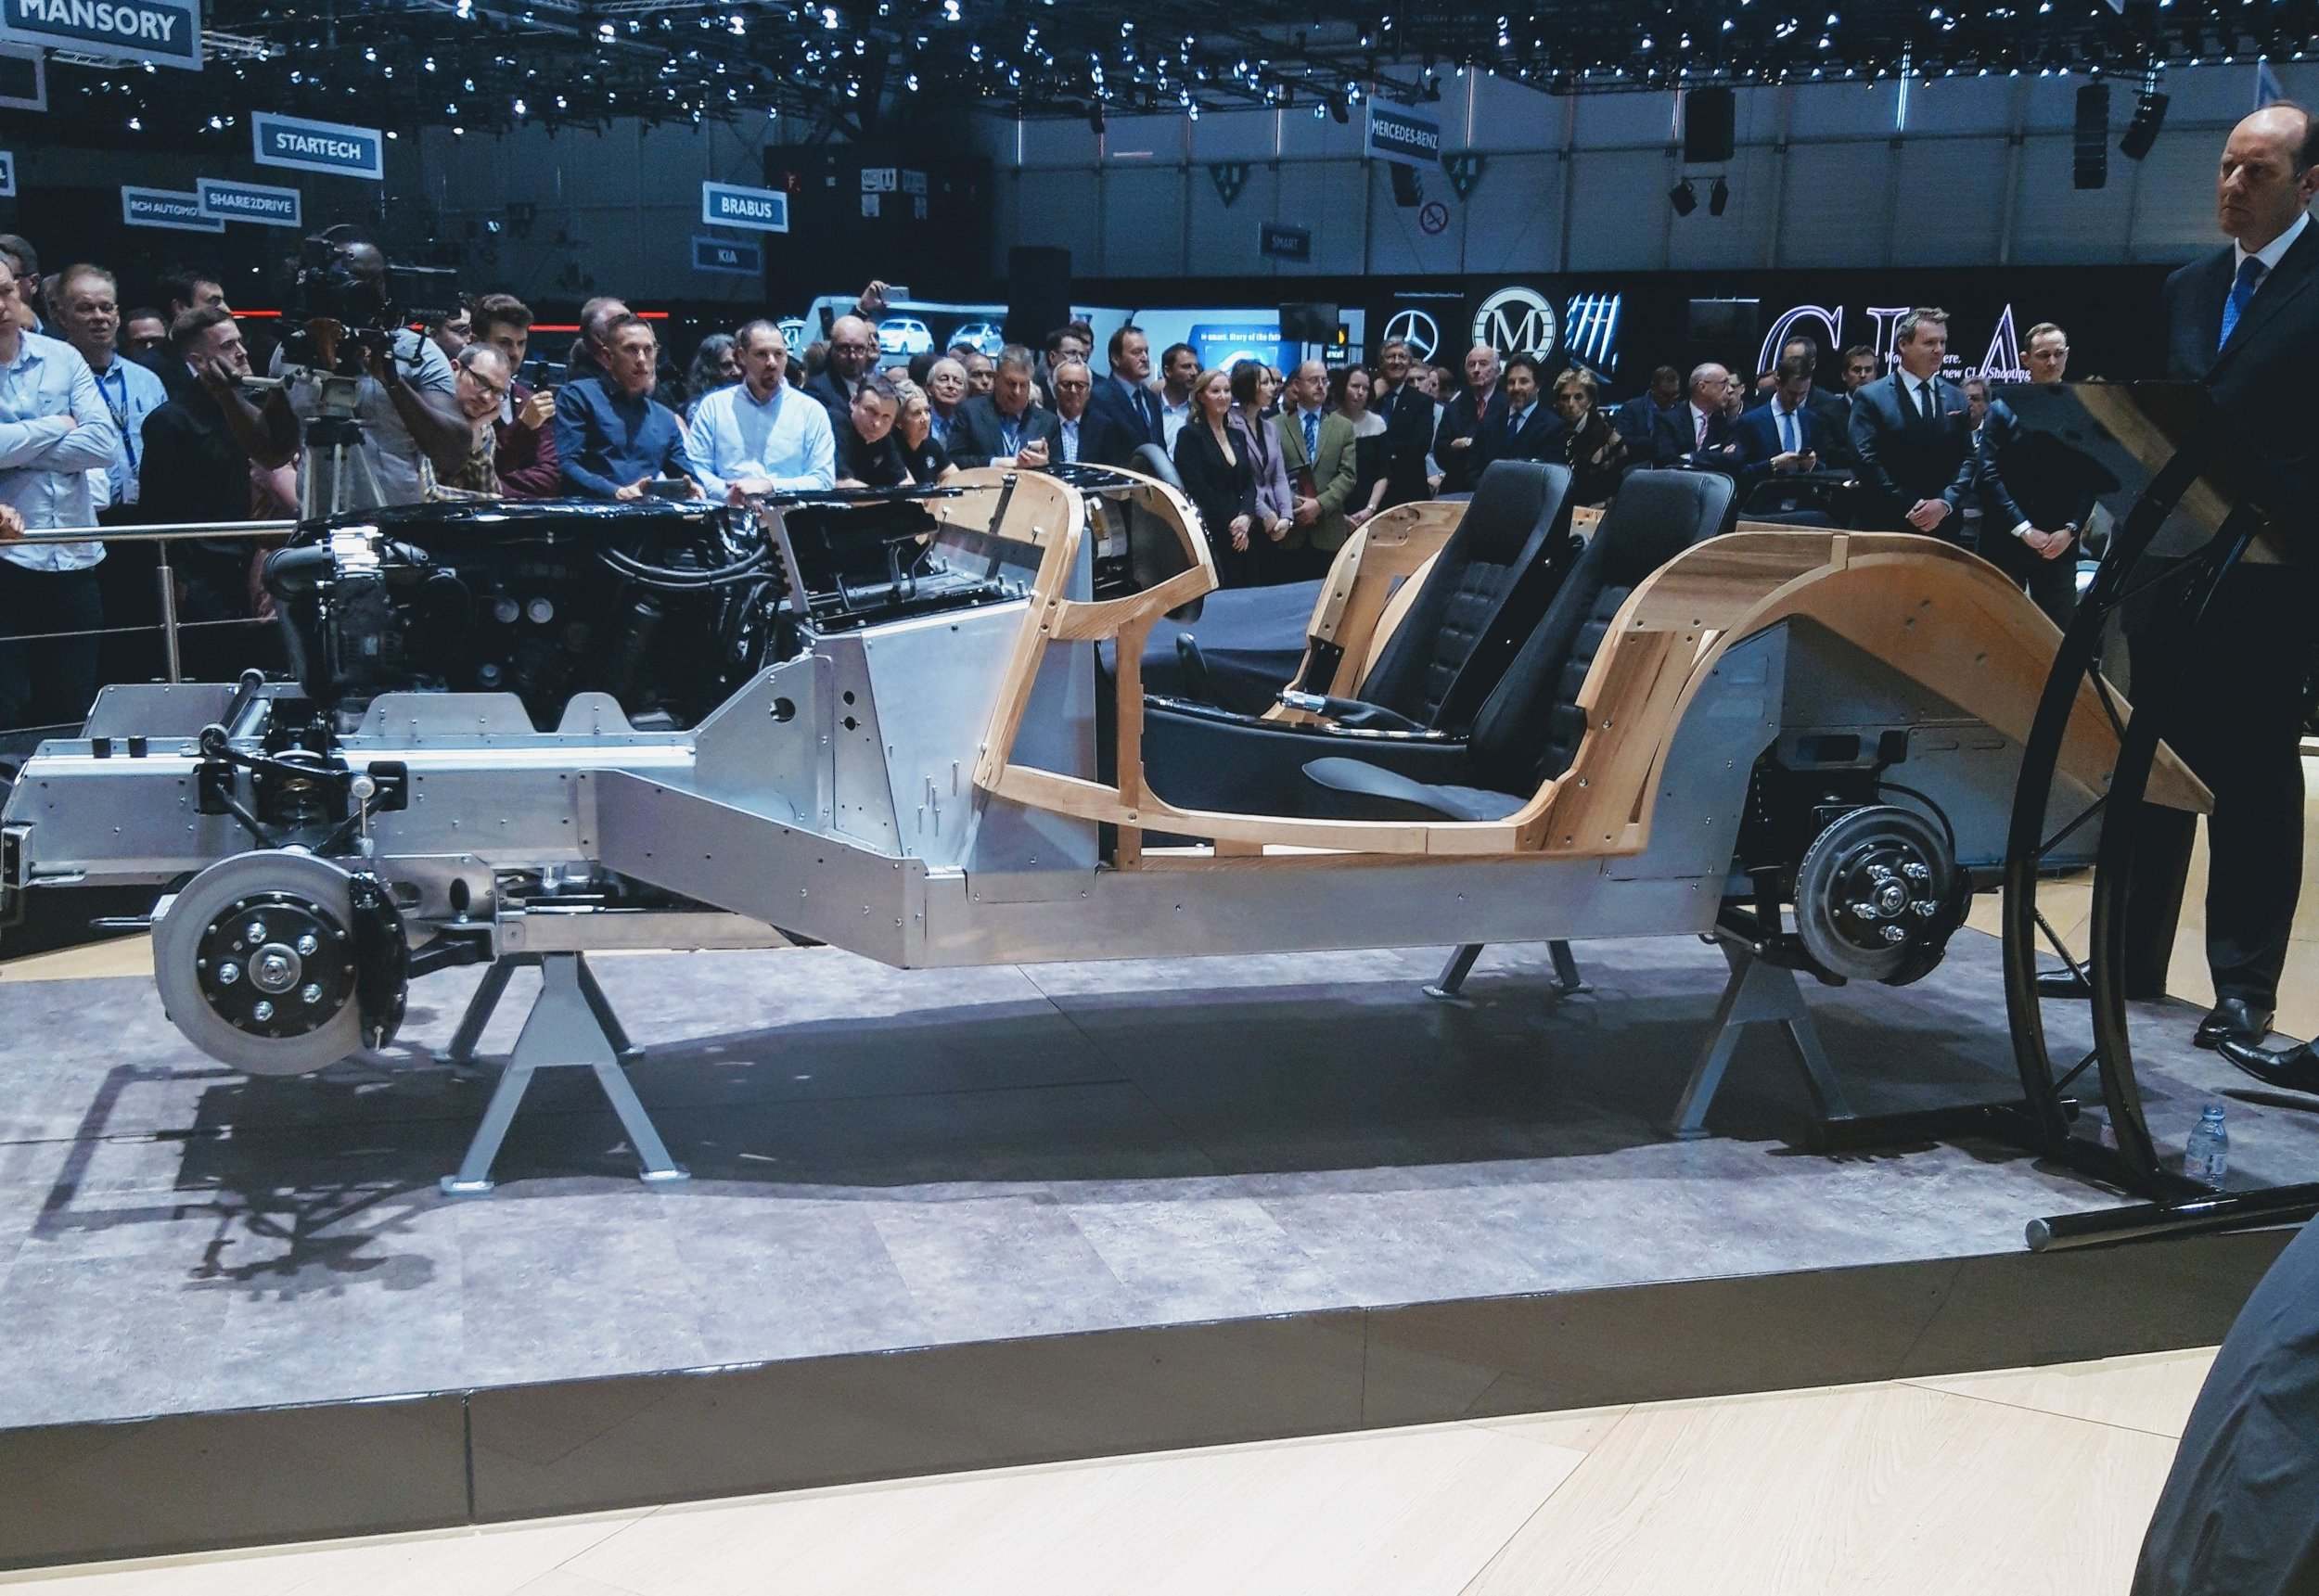 Geneva Images - Morgan Chassis.jpg